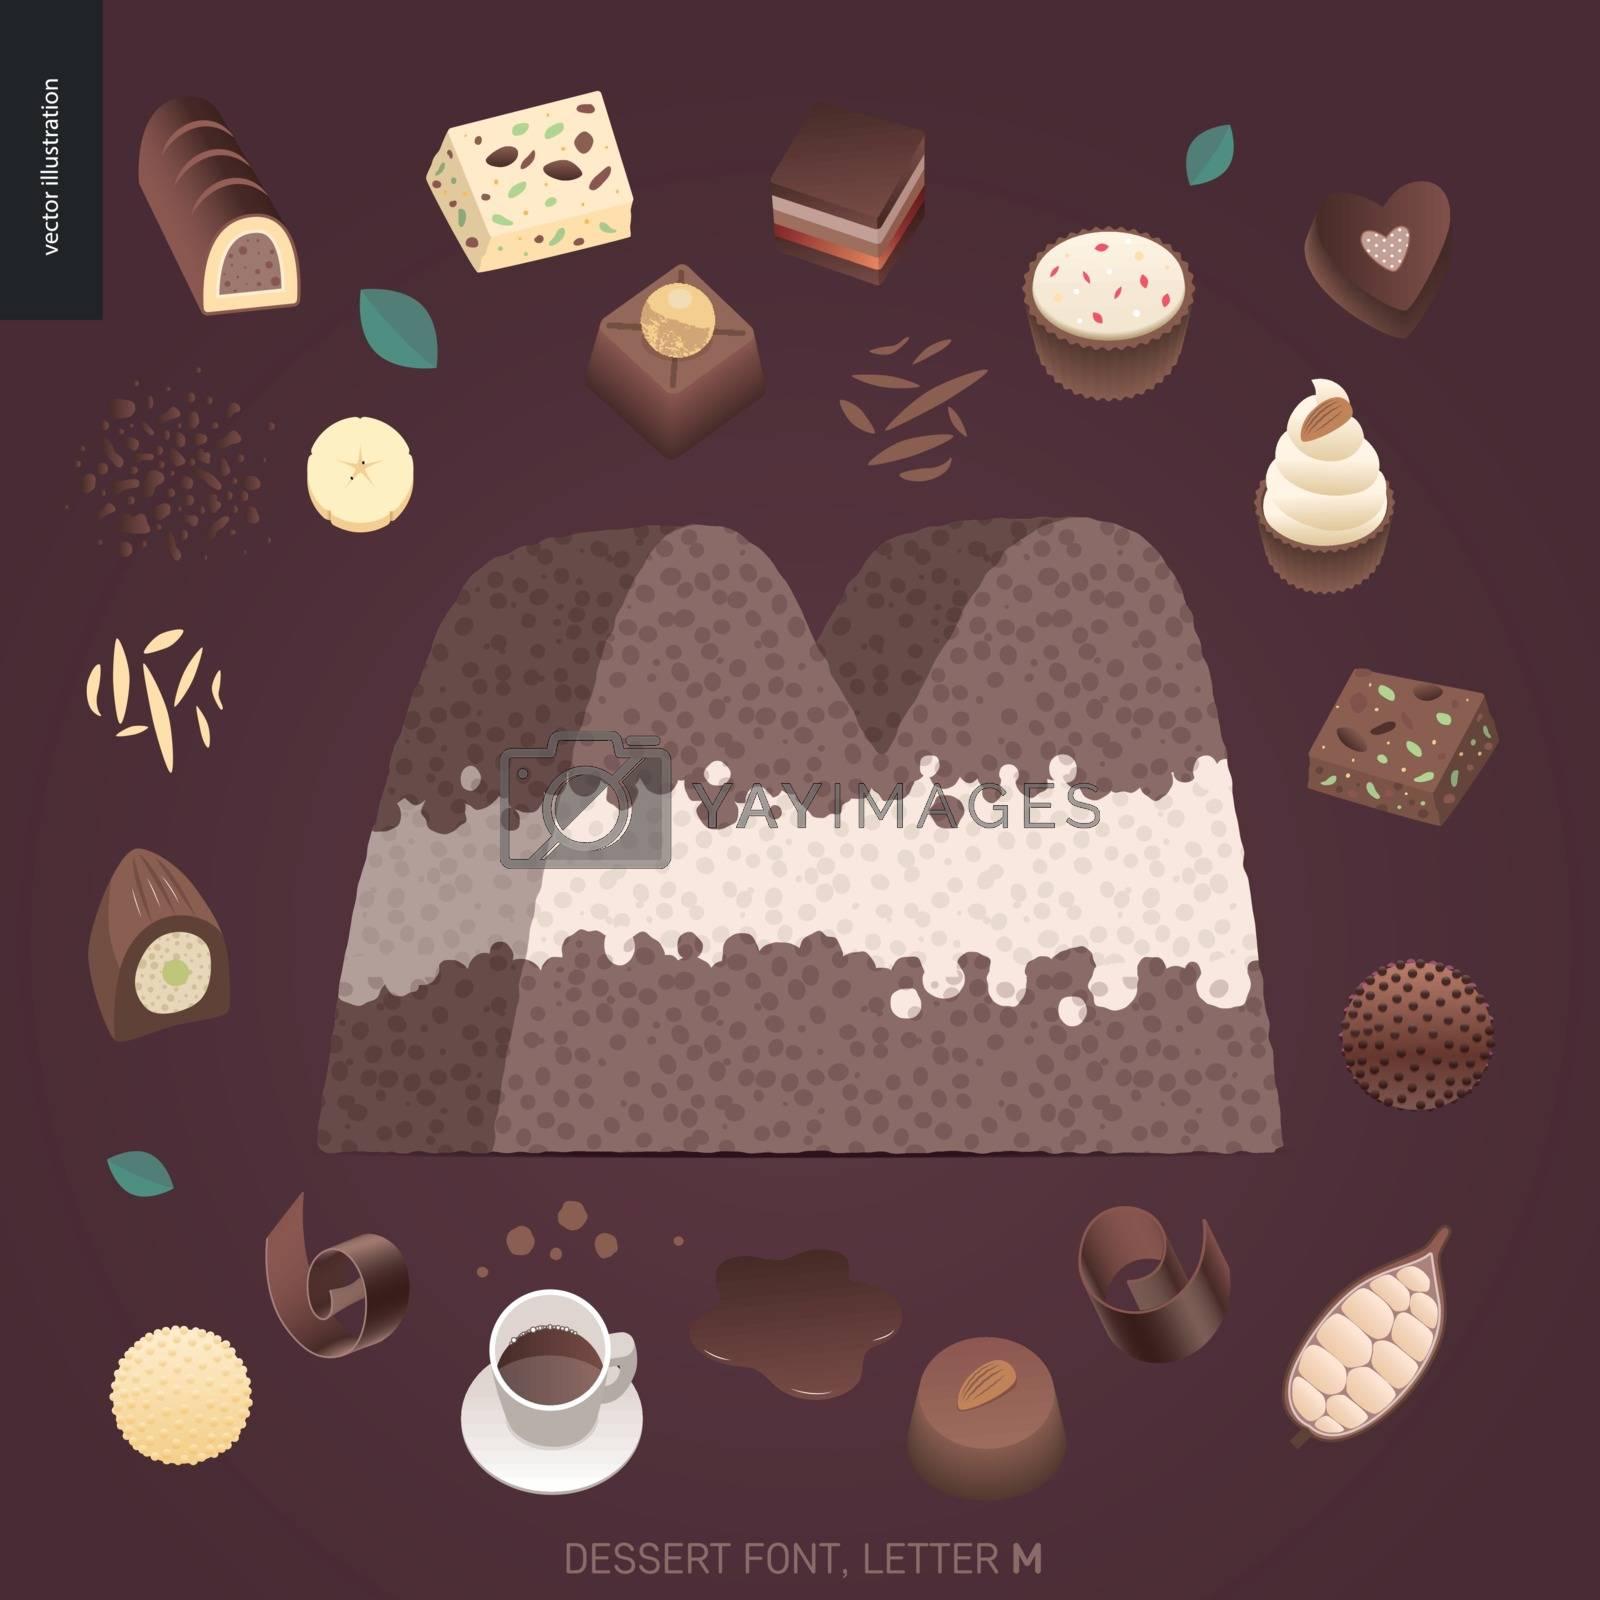 Dessert temptation font by grivina